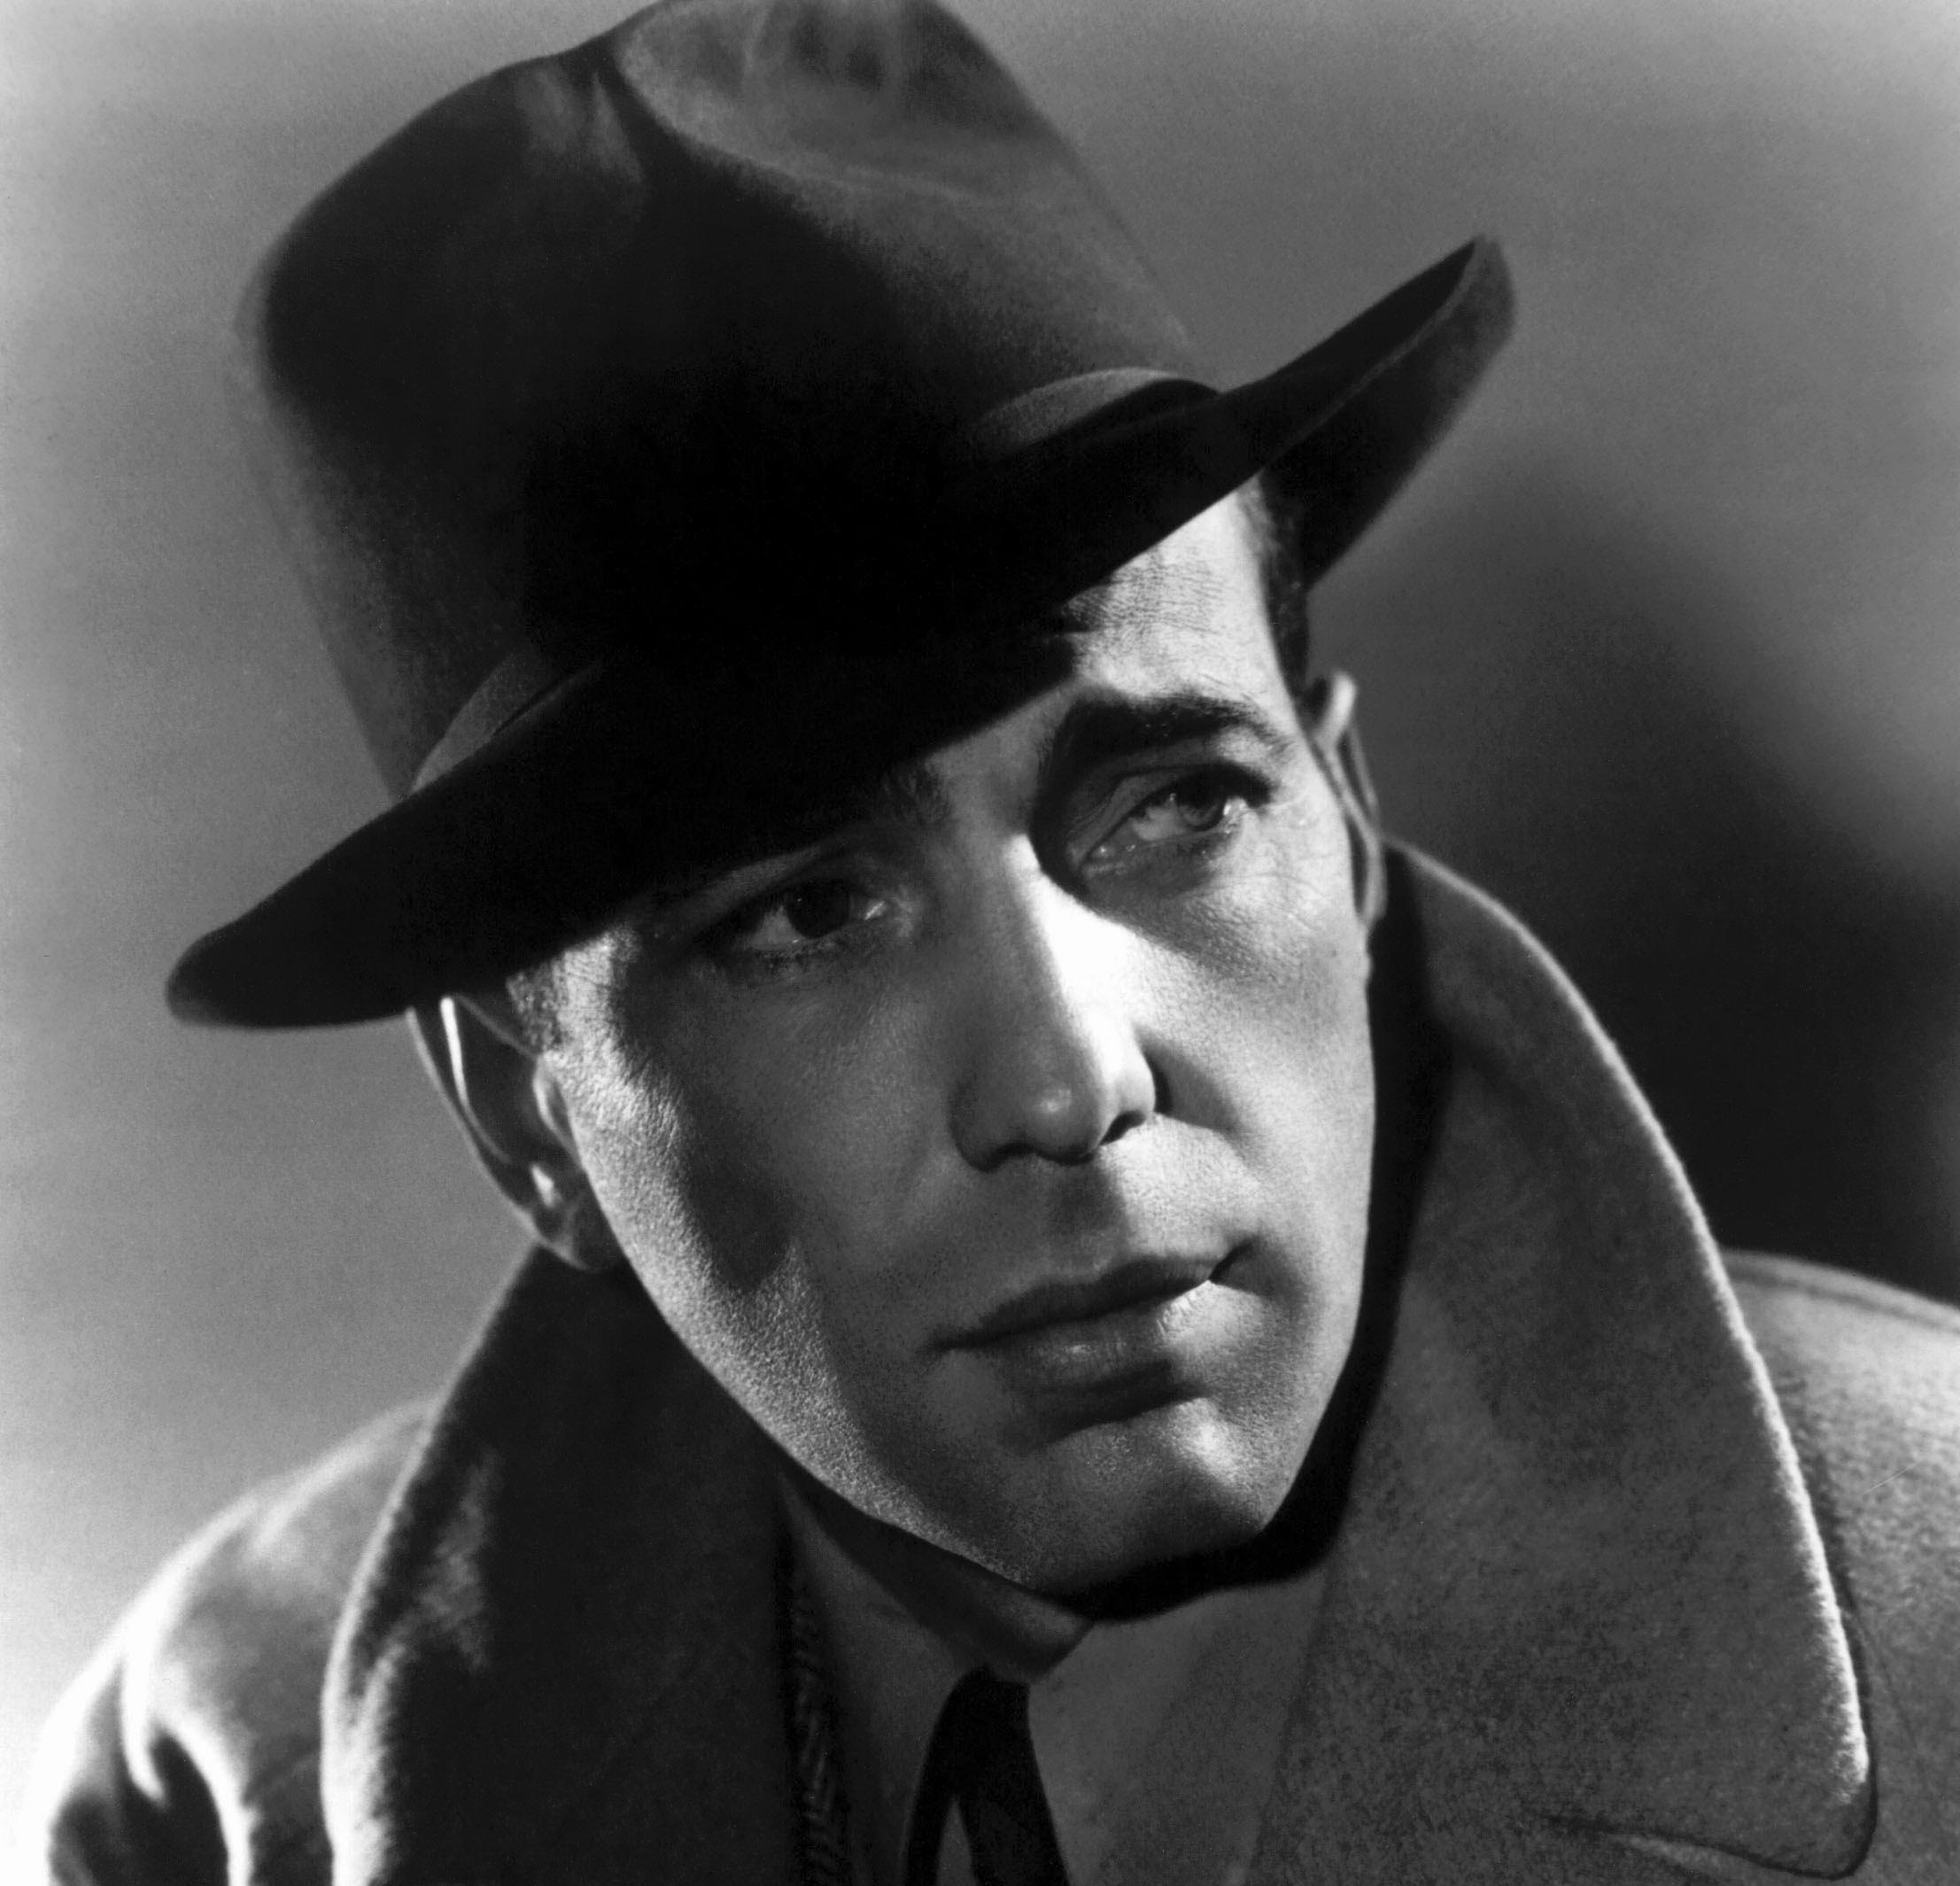 Humphrey Bogart - The Enforcer